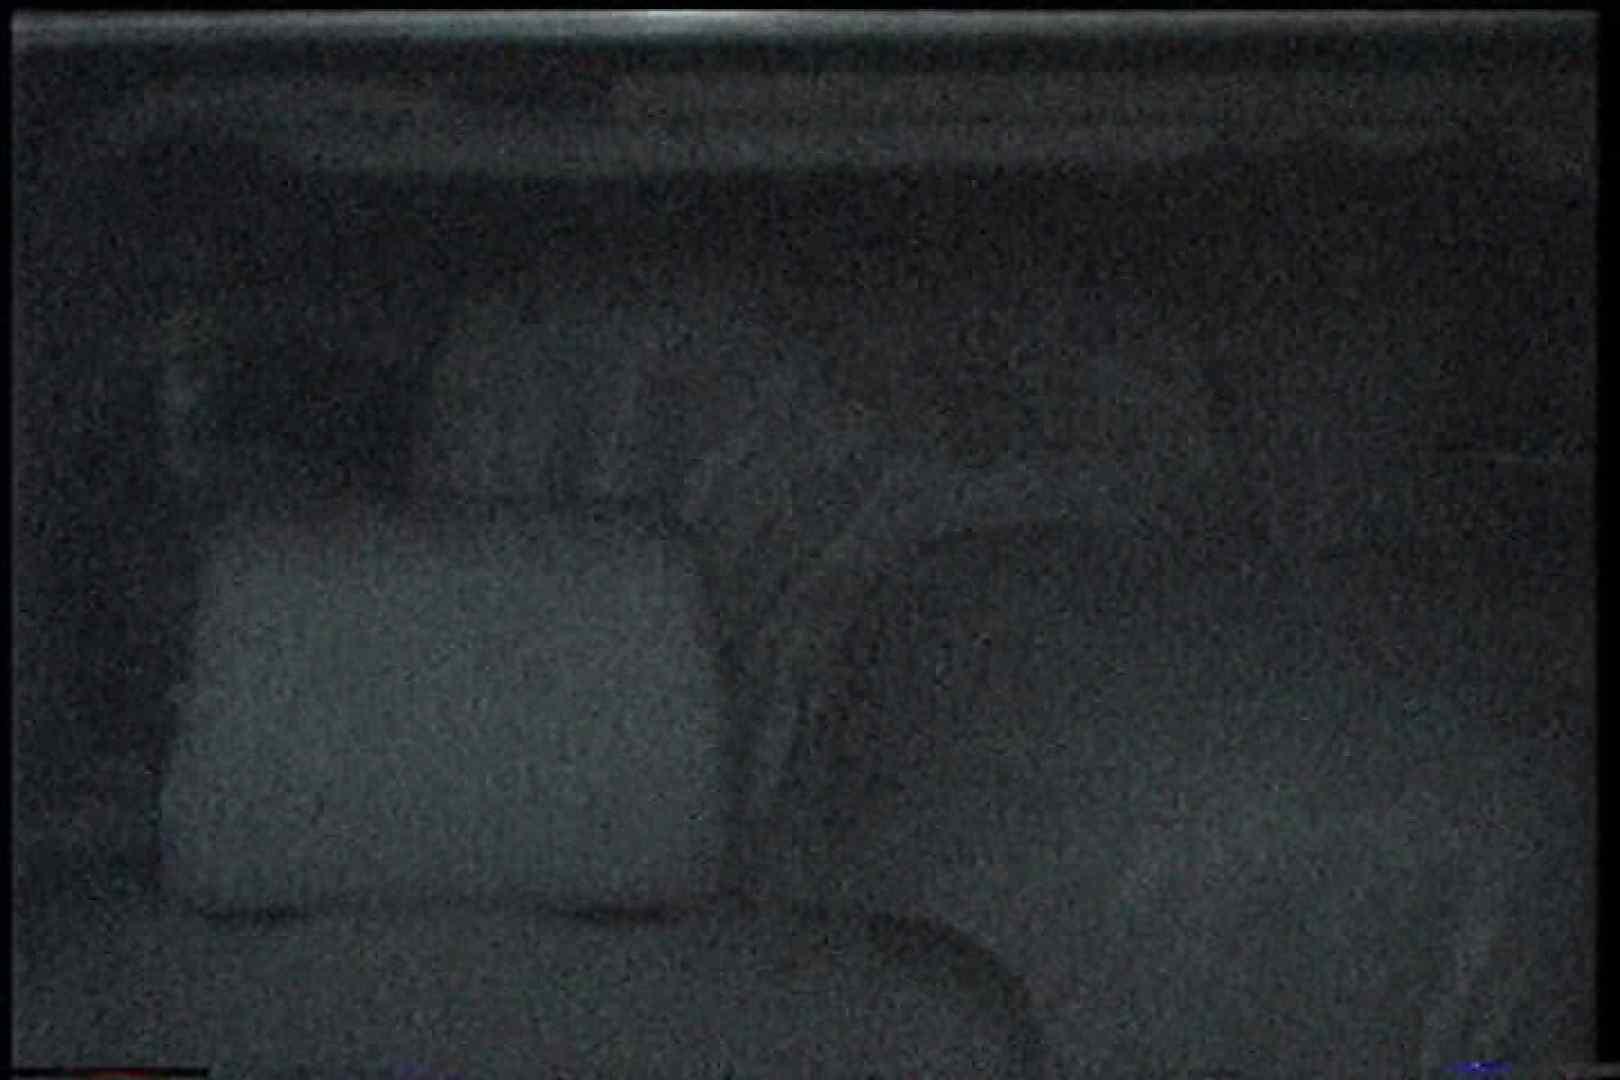 充血監督の深夜の運動会Vol.181 おまんこ無修正 AV動画キャプチャ 84画像 13